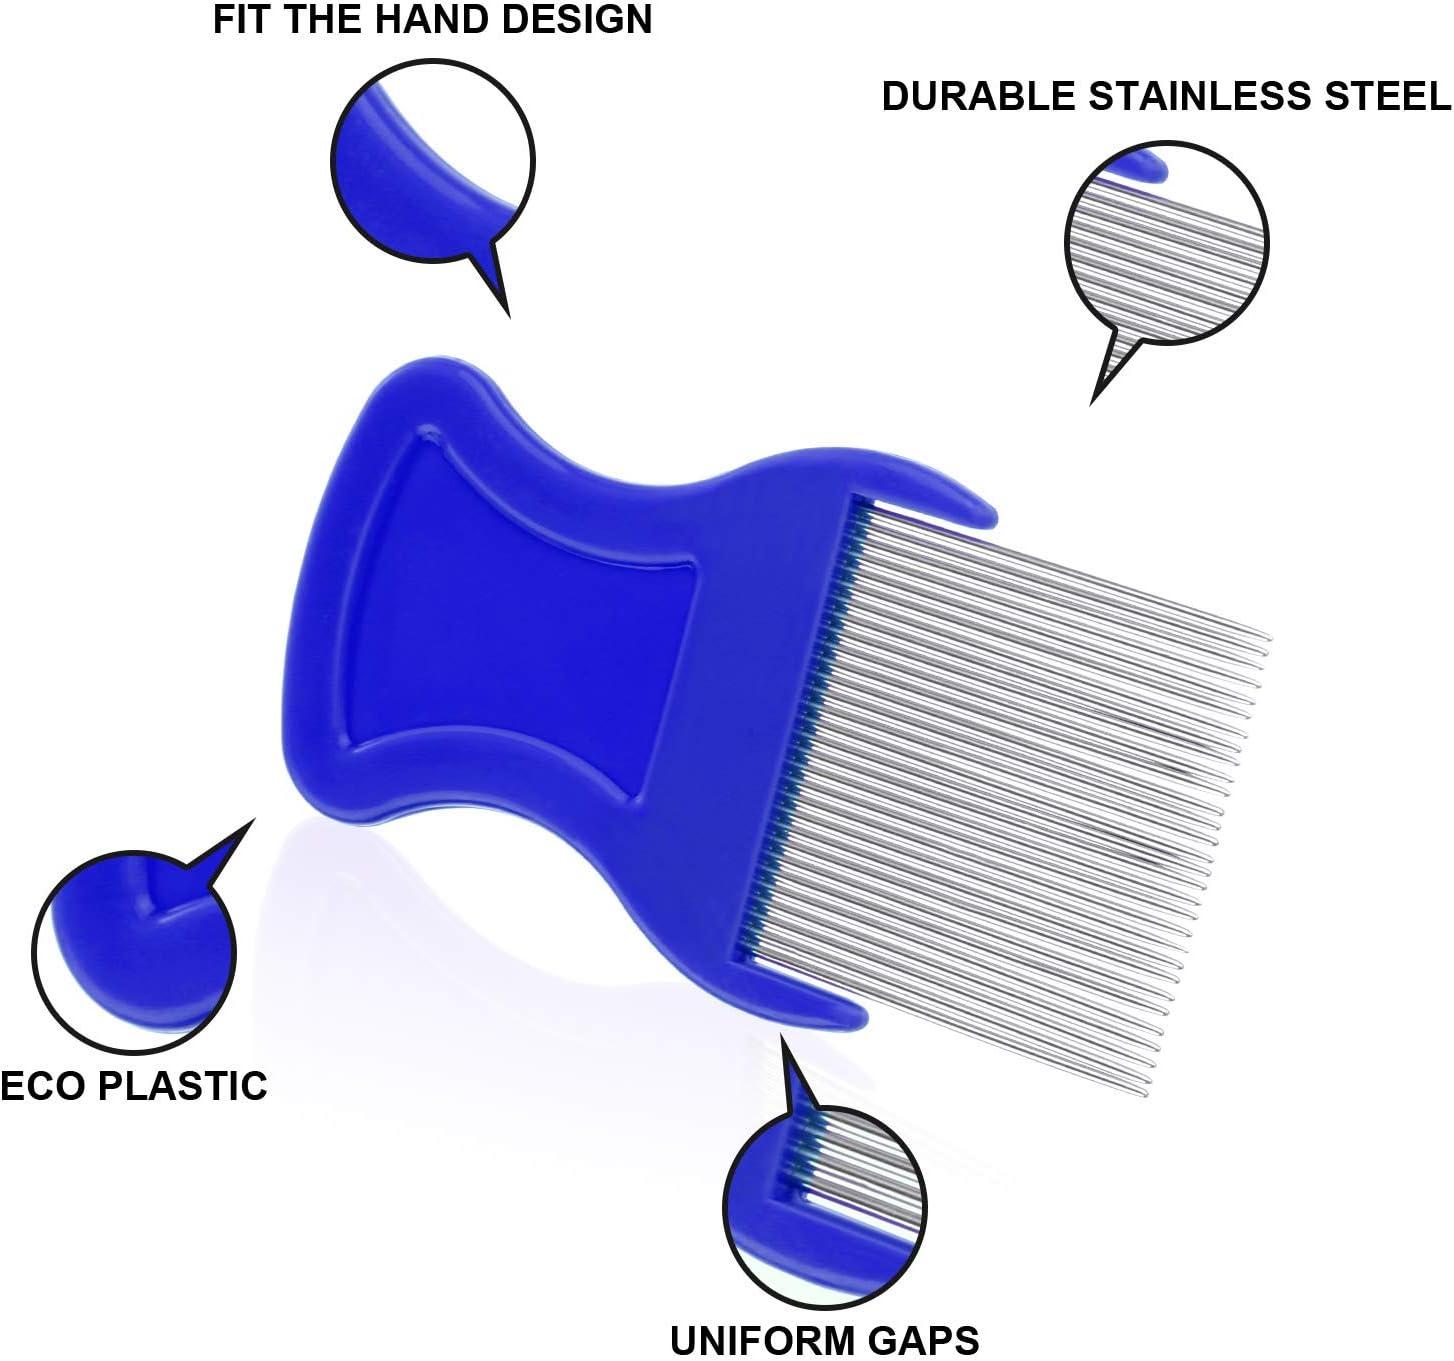 Peines para eliminar los piojos, peine para piojos 6 piezas, incluye dientes de metal 3 piezas, dientes de doble cara de 3 piezas para el aseo y eliminación de escamas o piojos